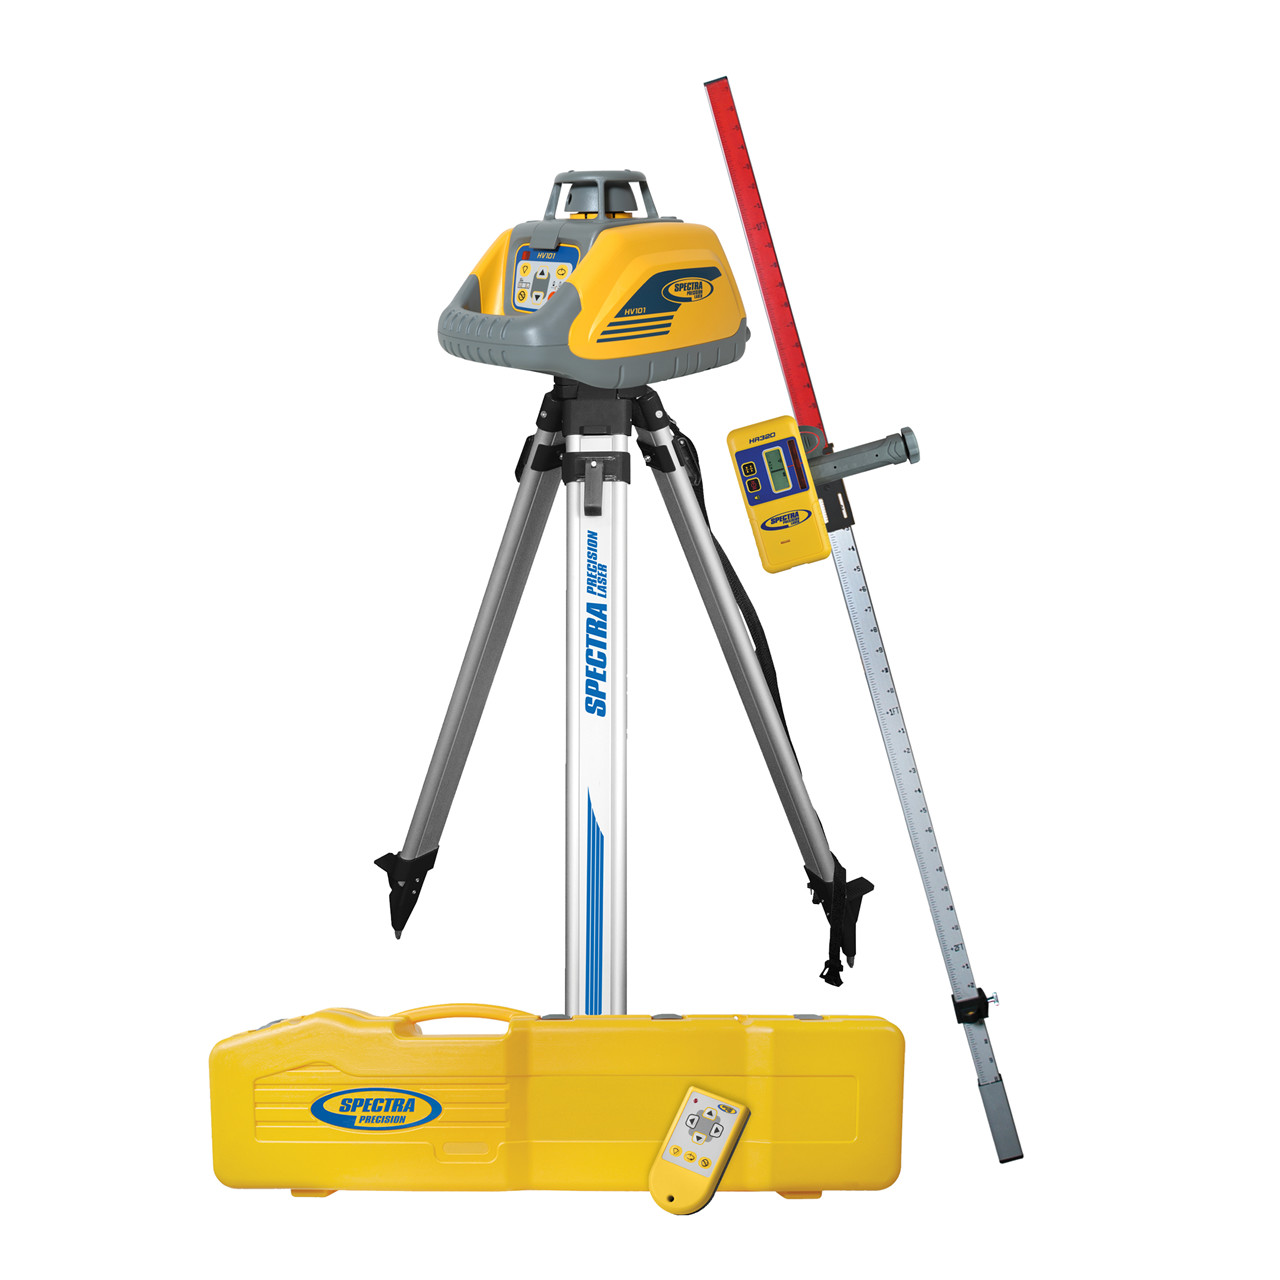 SPECTRA Rotationslaser HV101 komplet - Værktøj -> Laser og måleinstrumenter -> Laser -> Cirkellaser|Værktøj -> Laser og måleinstrumenter -> Laser -> Rotationslaser|Værktøj -> Laser og måleinstrumenter -> Laser|Værktøj -> Laser og måleinstrumenter|Mærker -> Spectra